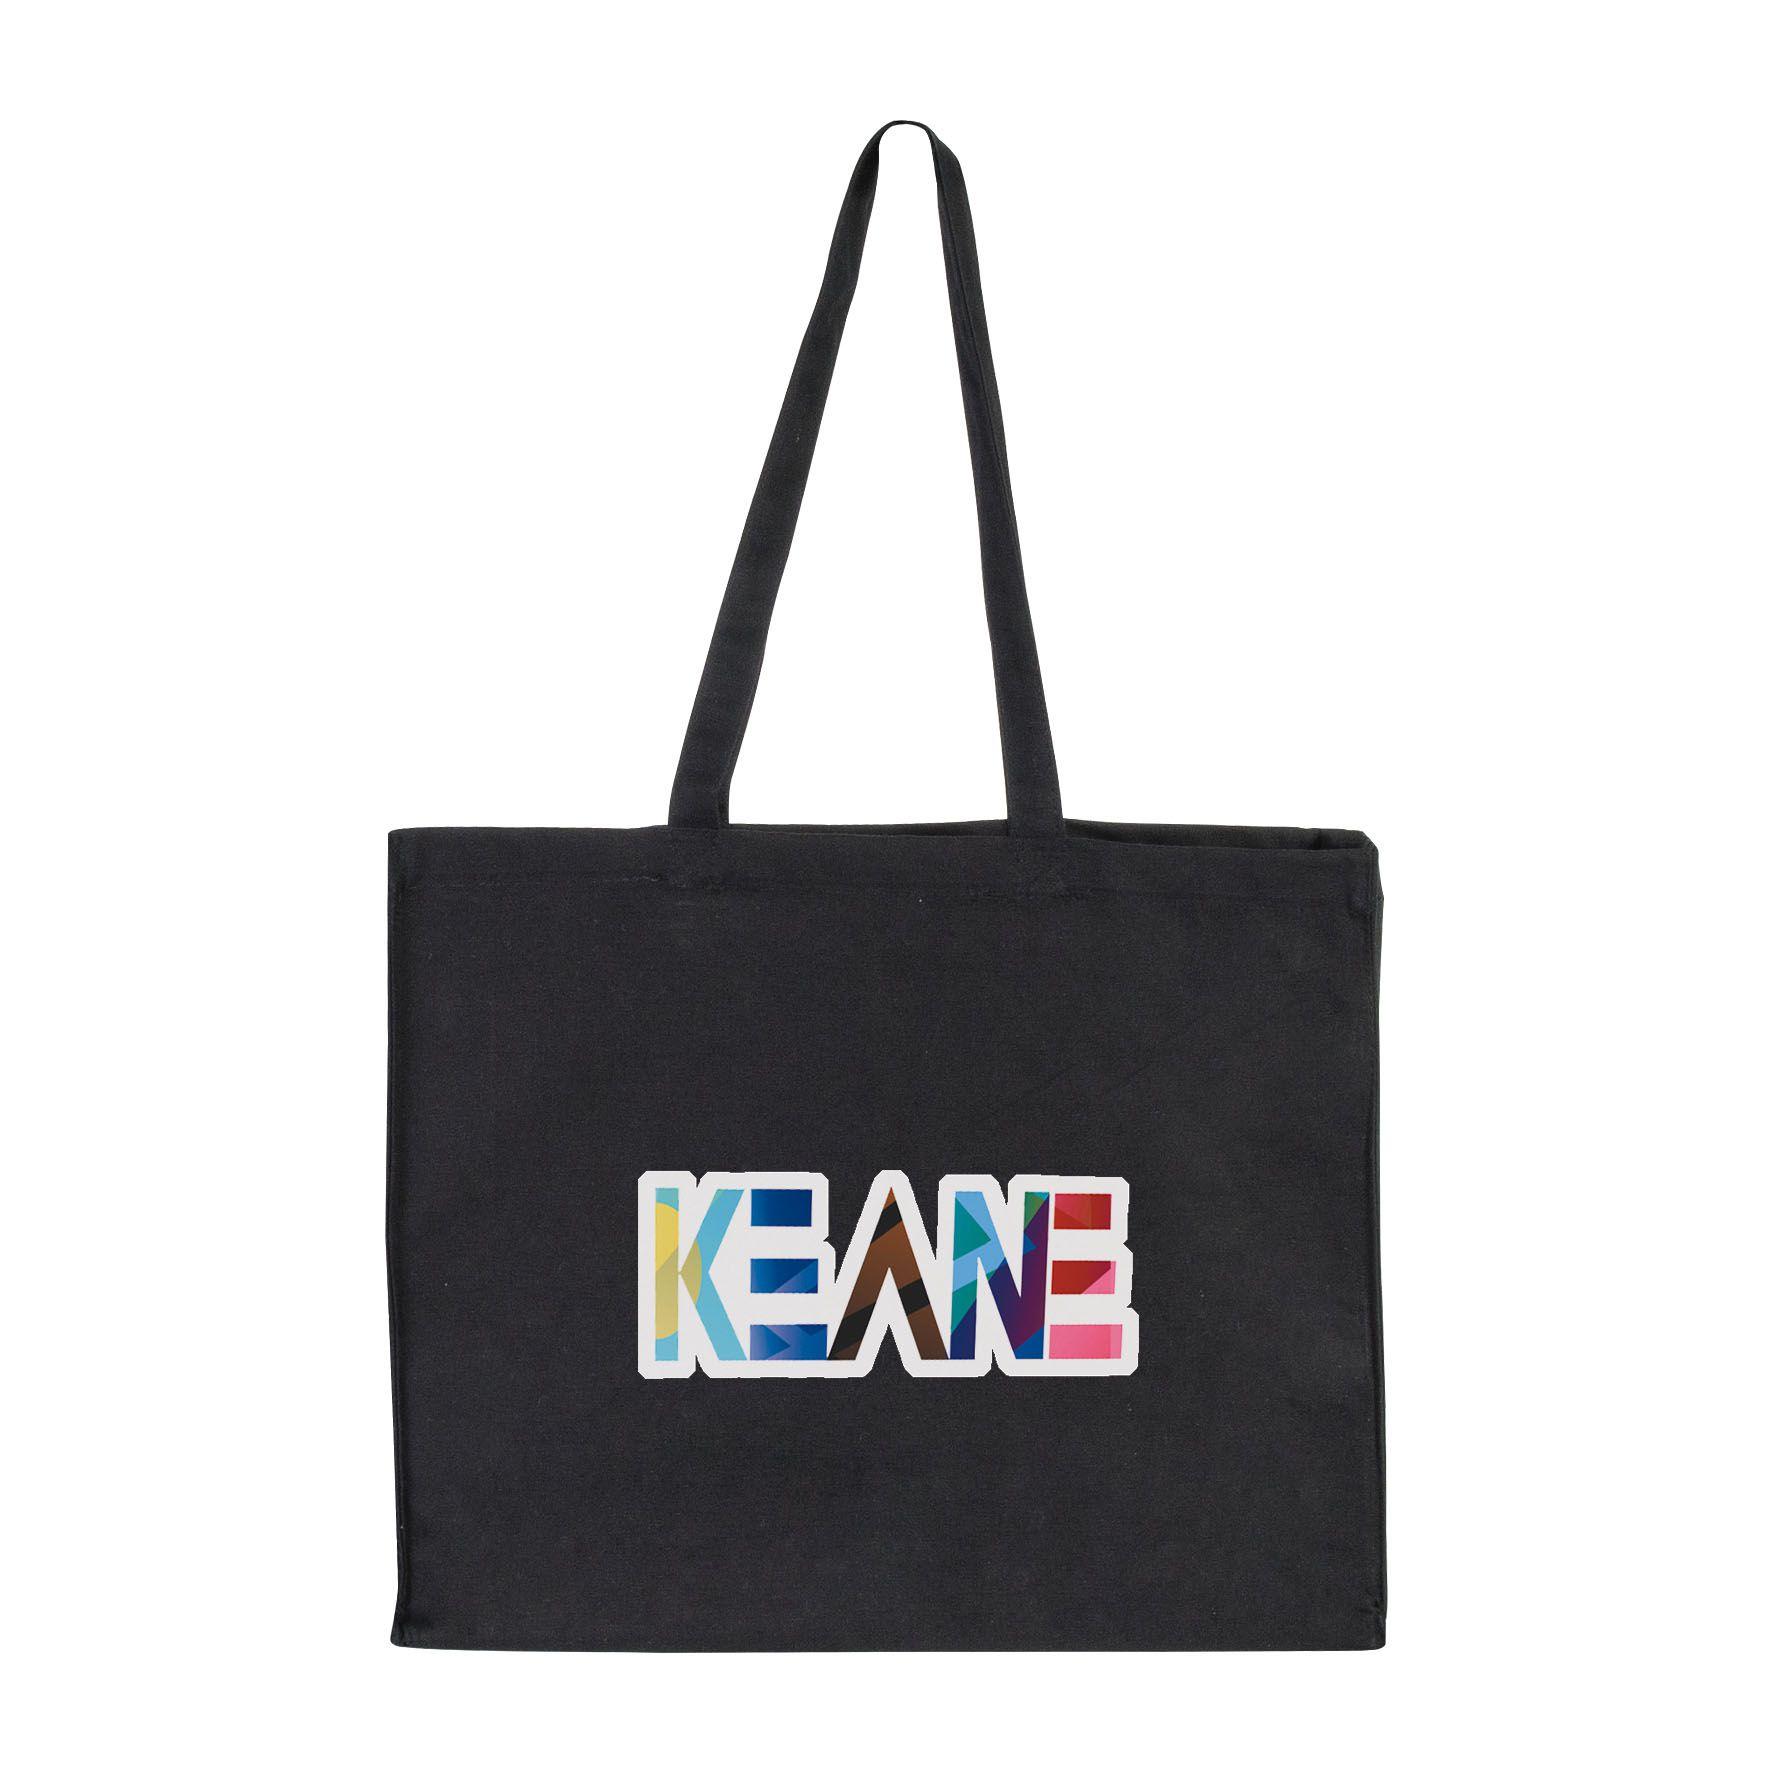 Sac shopping personnalisable coton canevas Large - Cadeau publicitaire